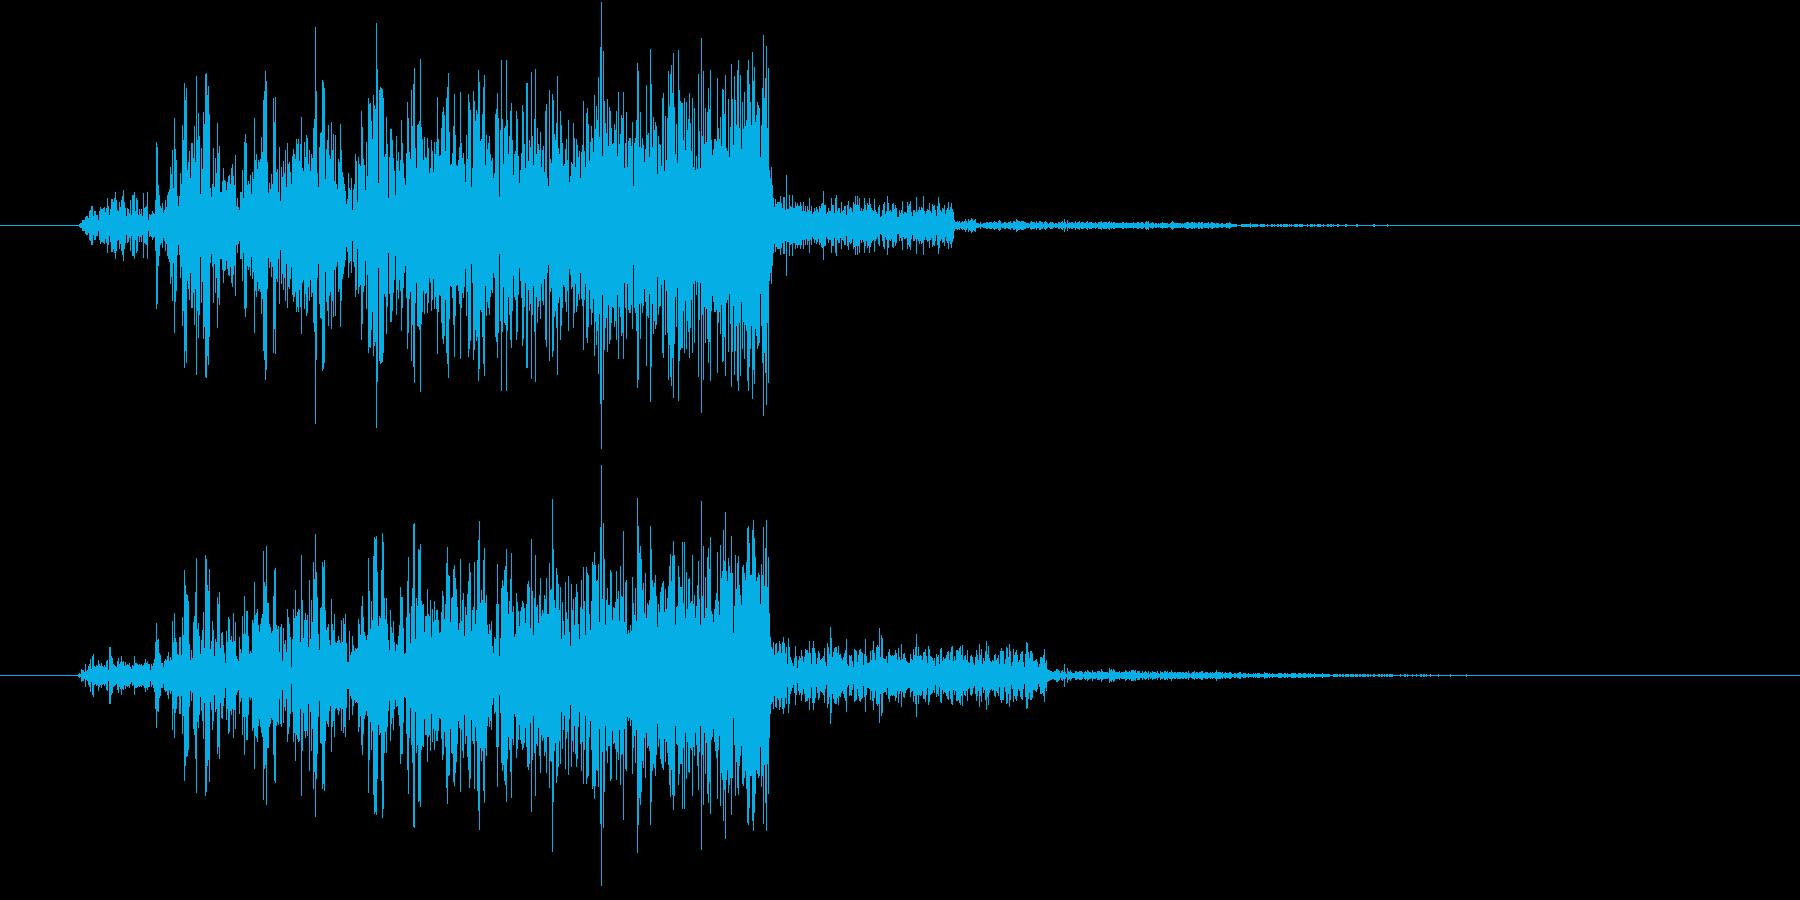 パワーアップ・レベルアップ(ギュイーン)の再生済みの波形